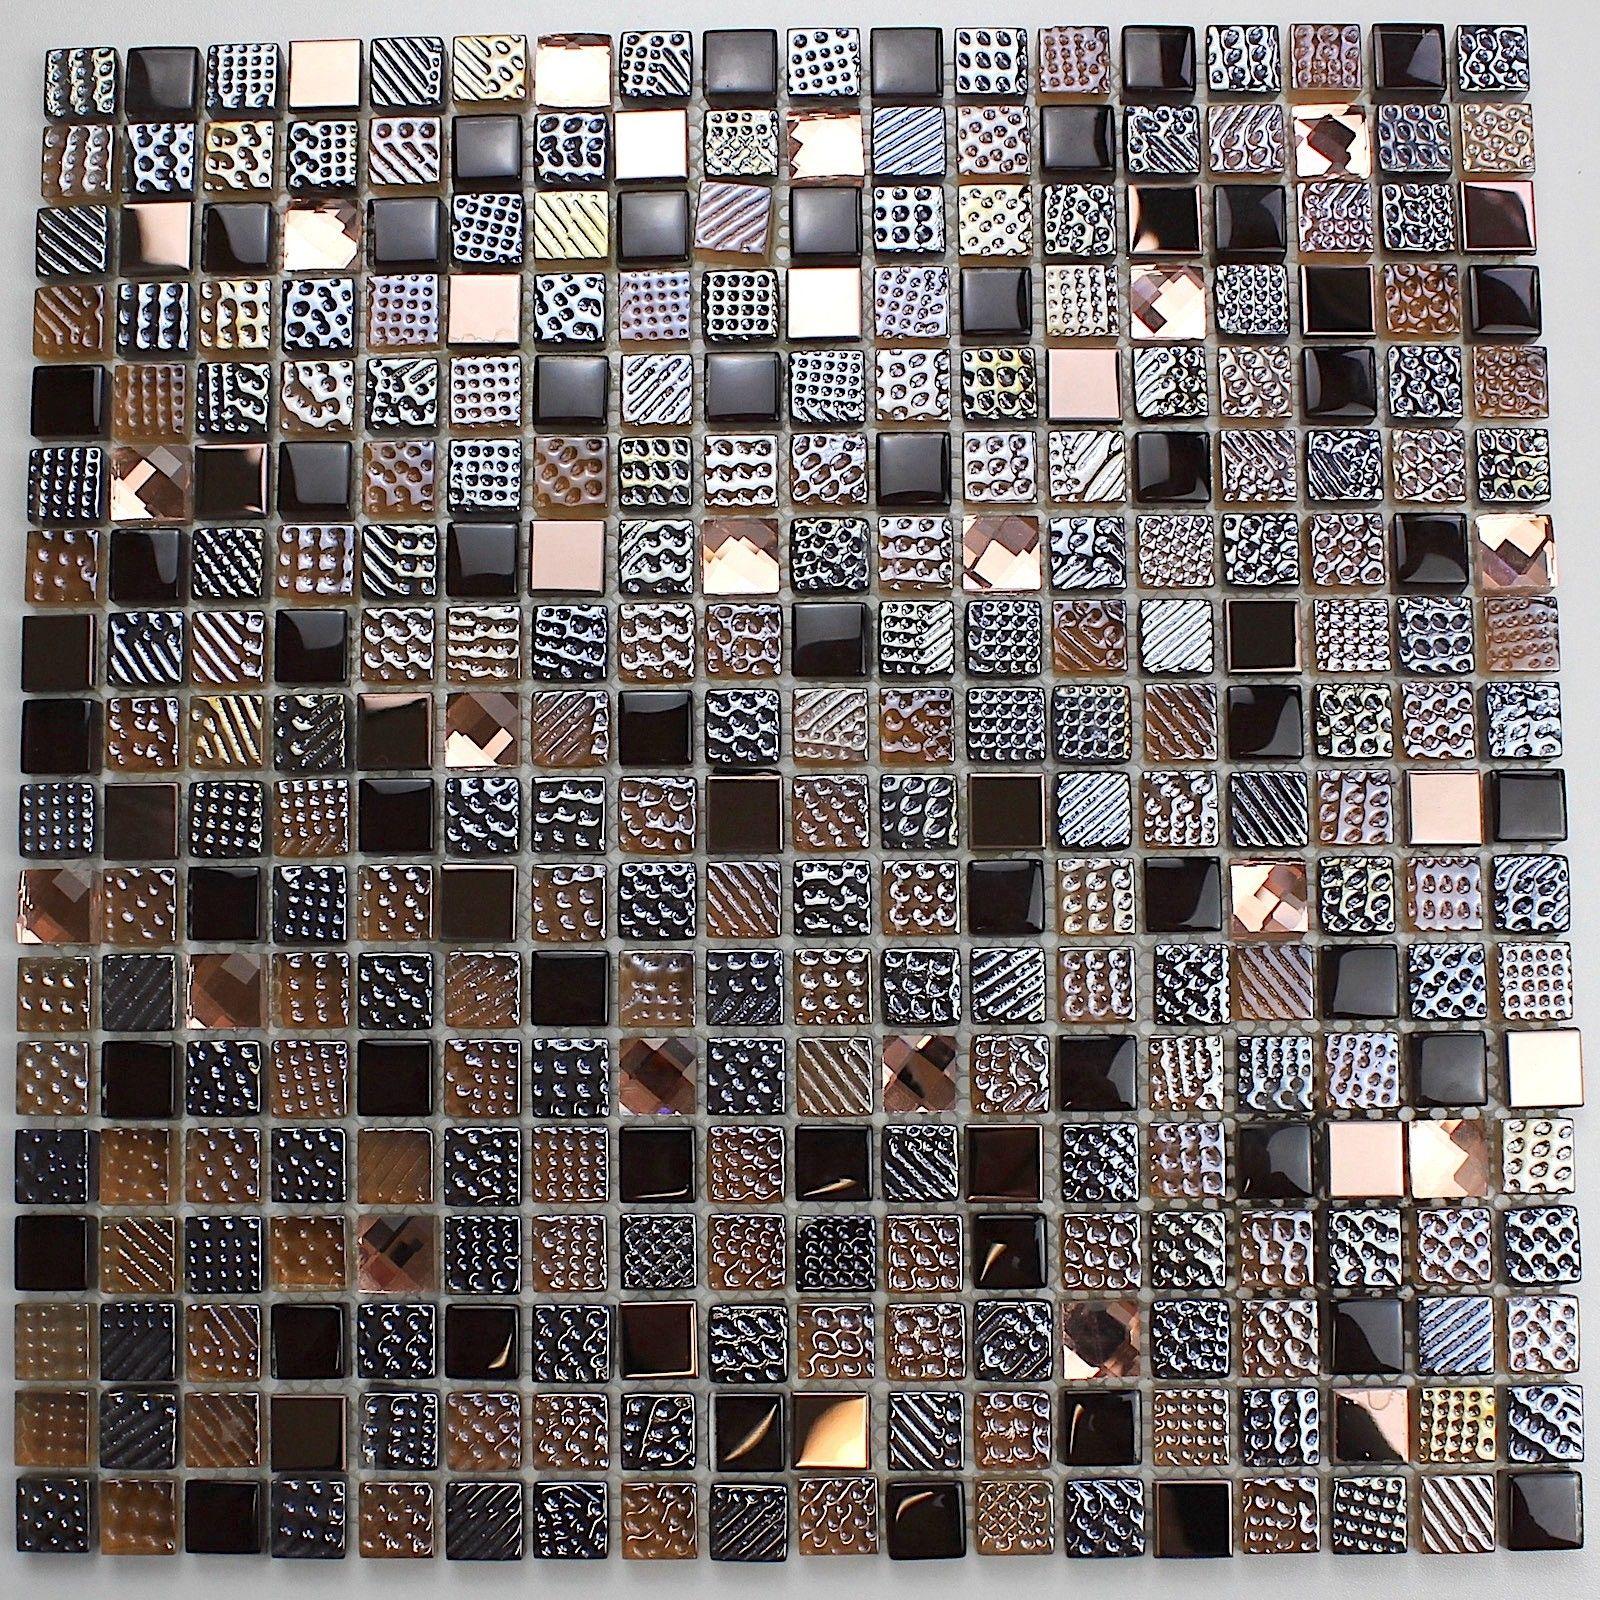 Resultat De Recherche D Images Pour Brico Depot Mosaique De Verre